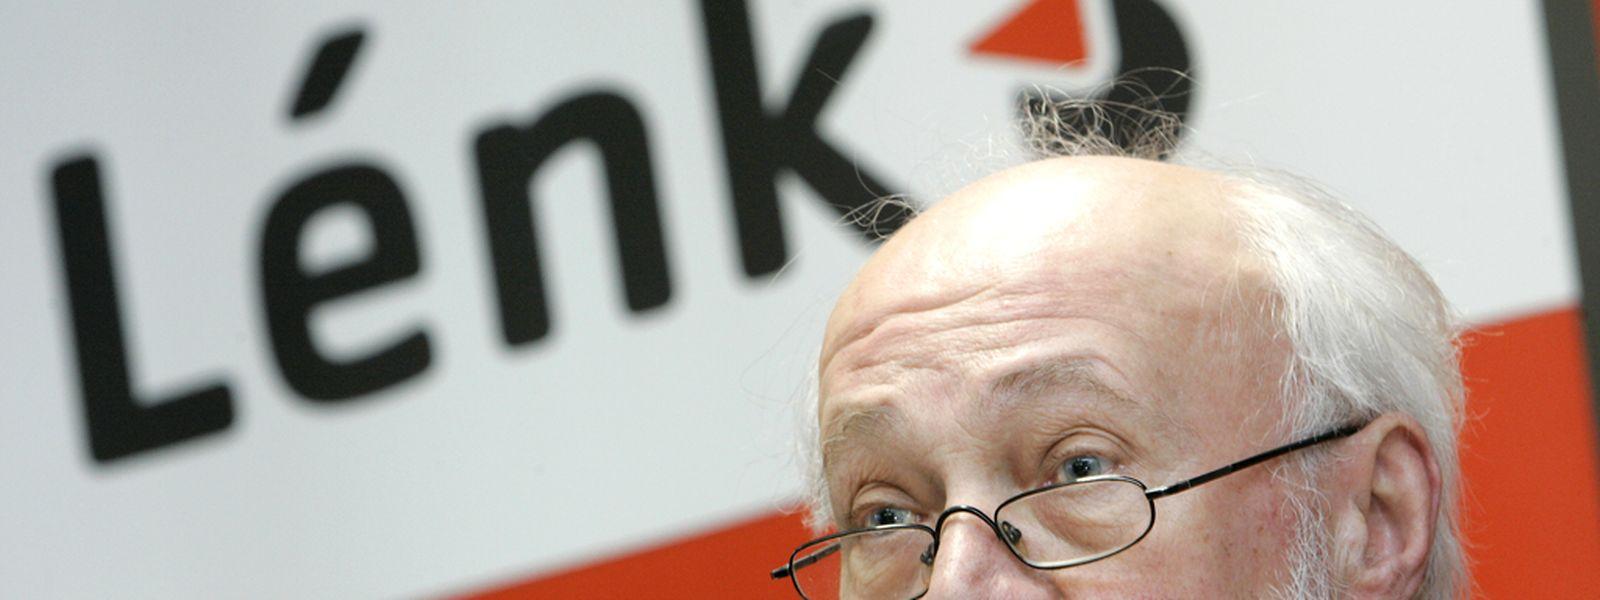 André Hoffmann und Déi Lénk wollen bei den Europawahlen hoch hinaus.